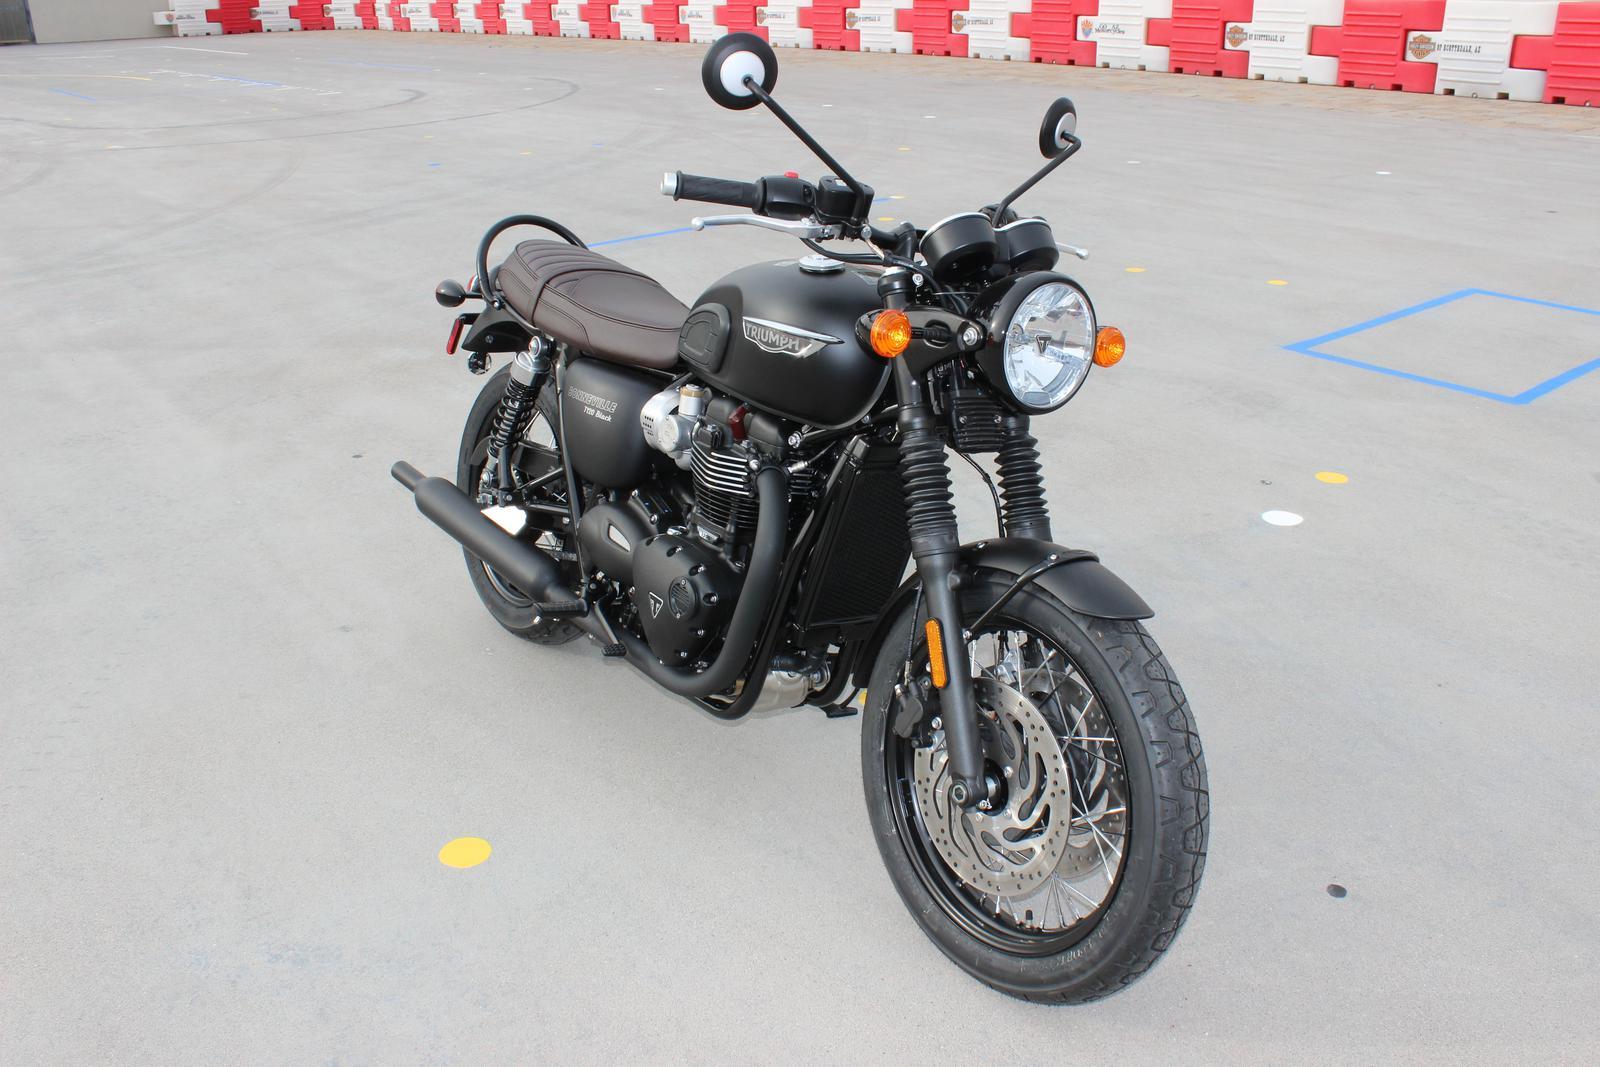 2019 Triumph Bonneville T120 Black For Sale In Scottsdale Az Go